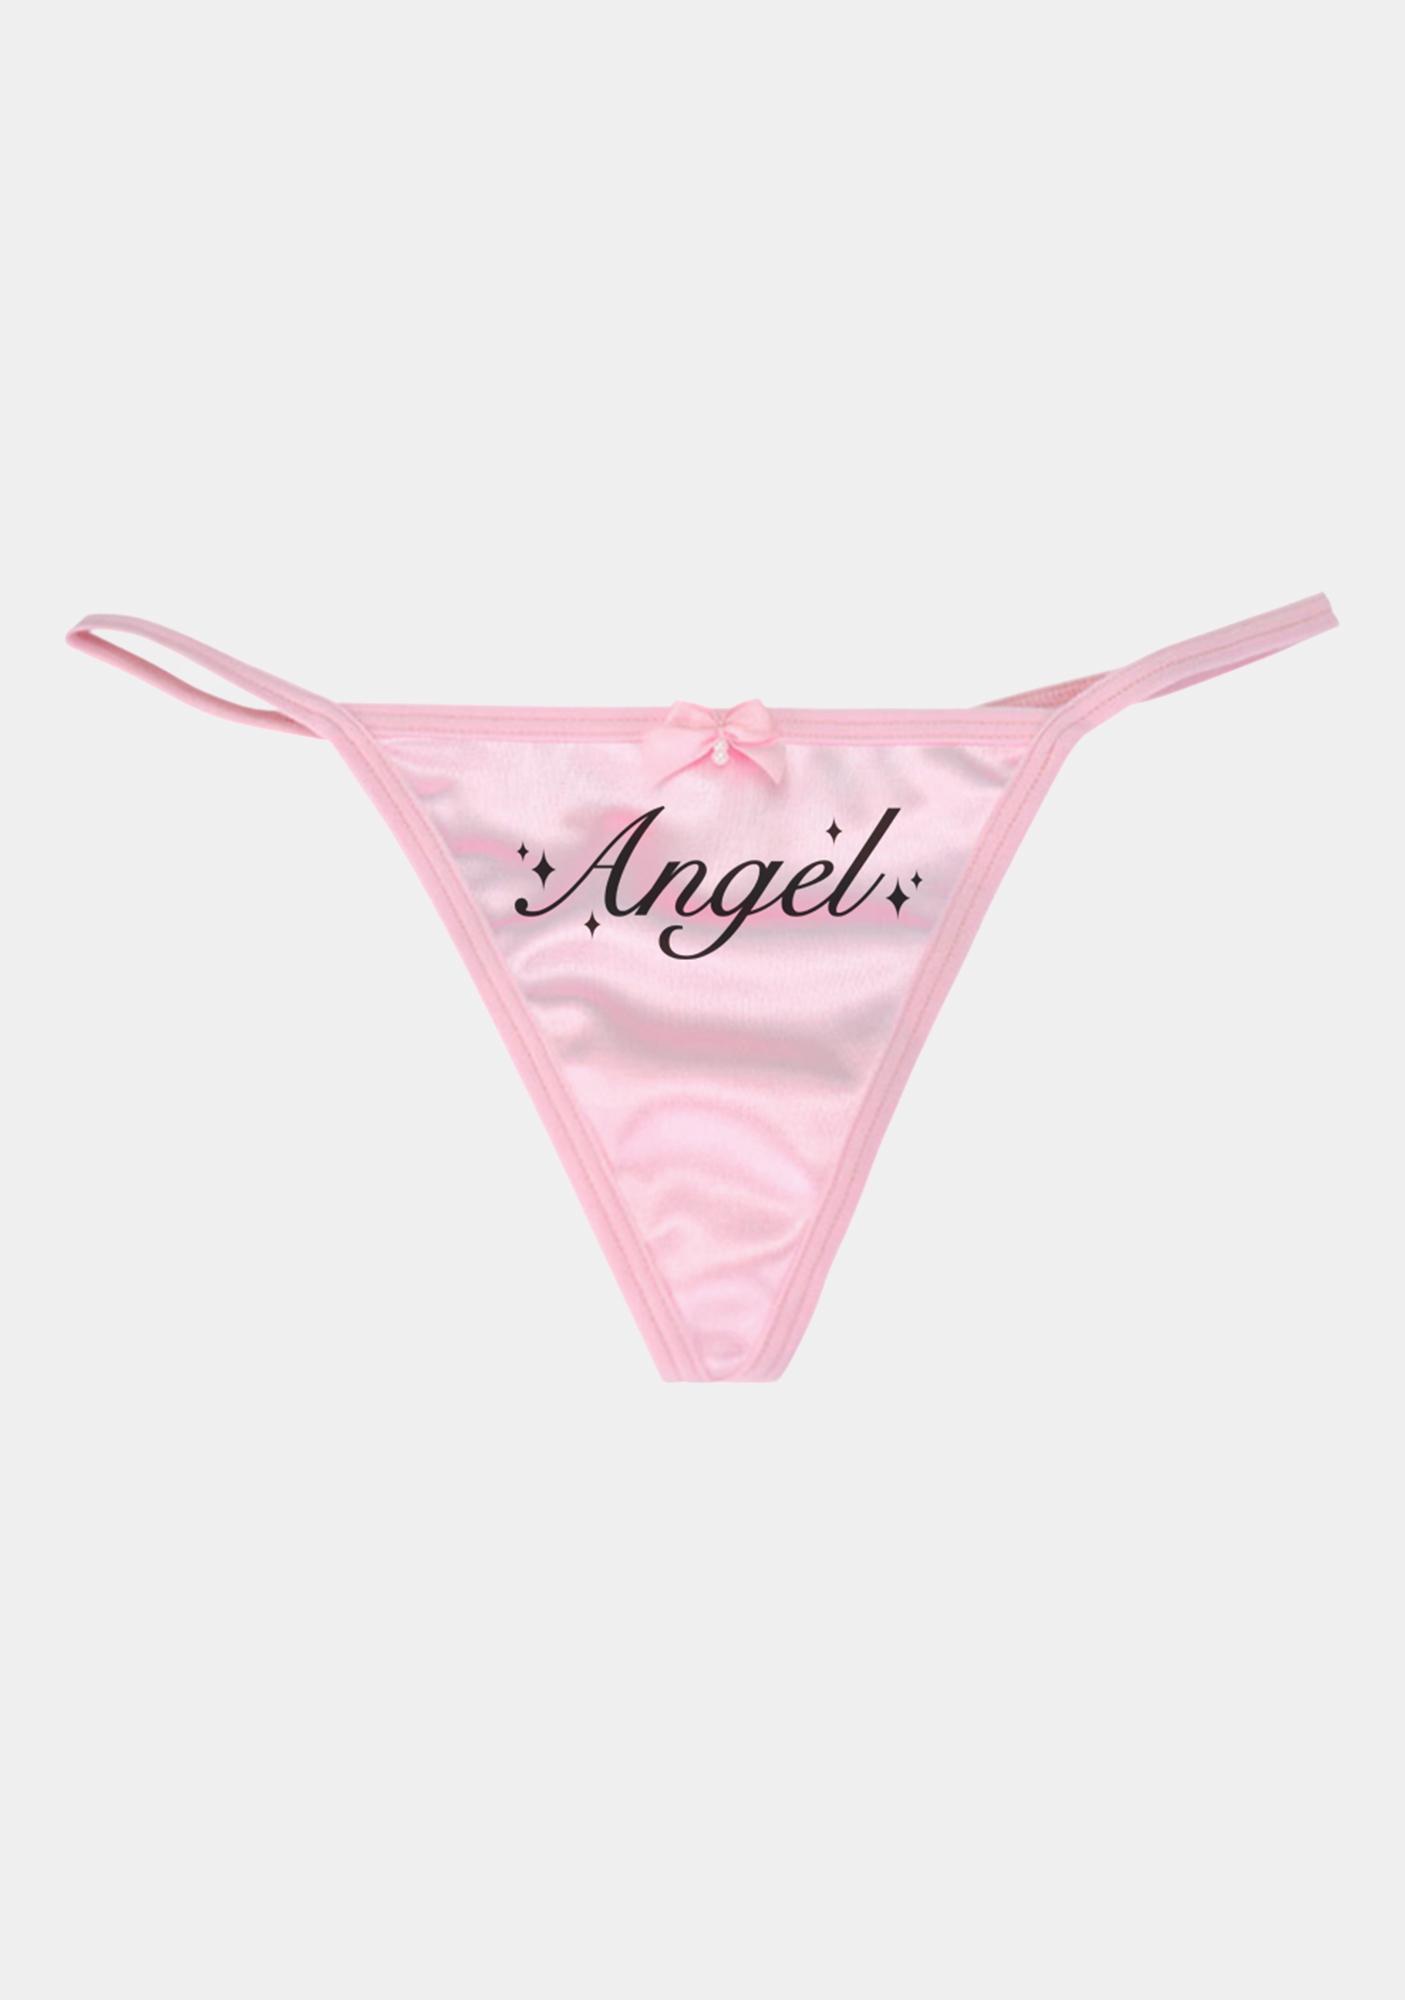 MaryJaneNite Pink Angel Reflective G String Panty